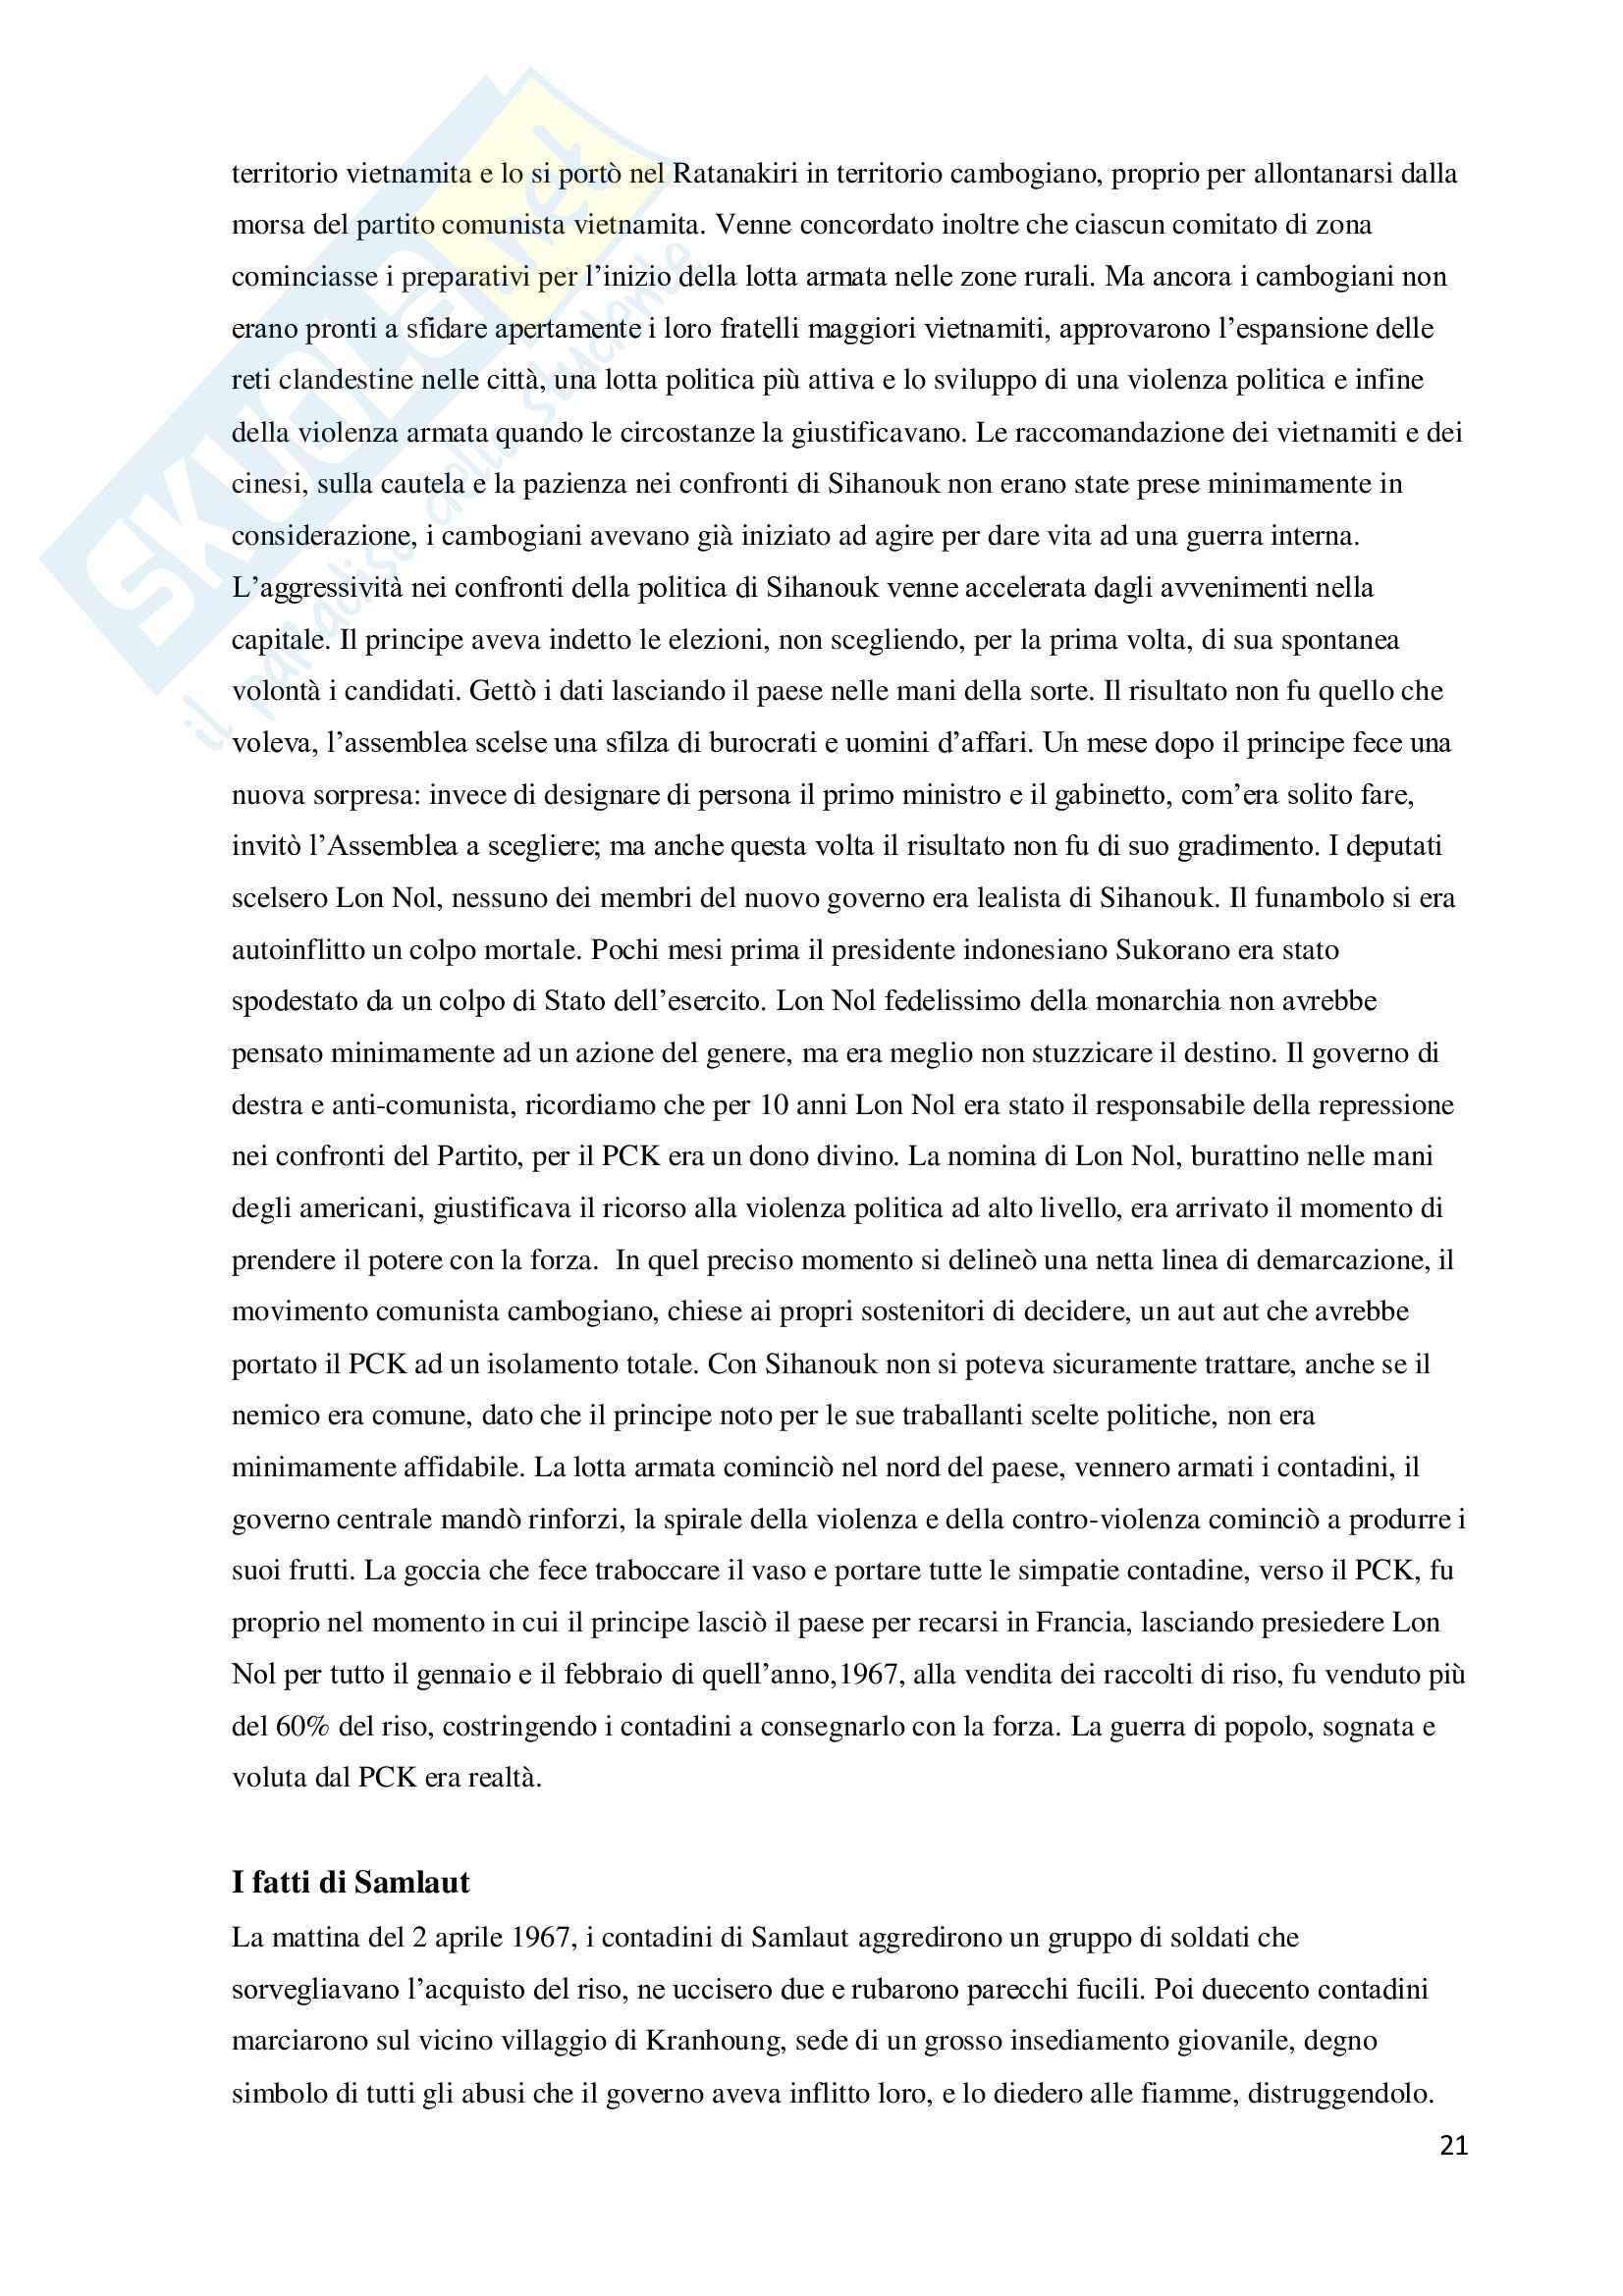 Storia dell'asia e missioni umanitarie - esperimento di ingegneria sociale Pag. 21